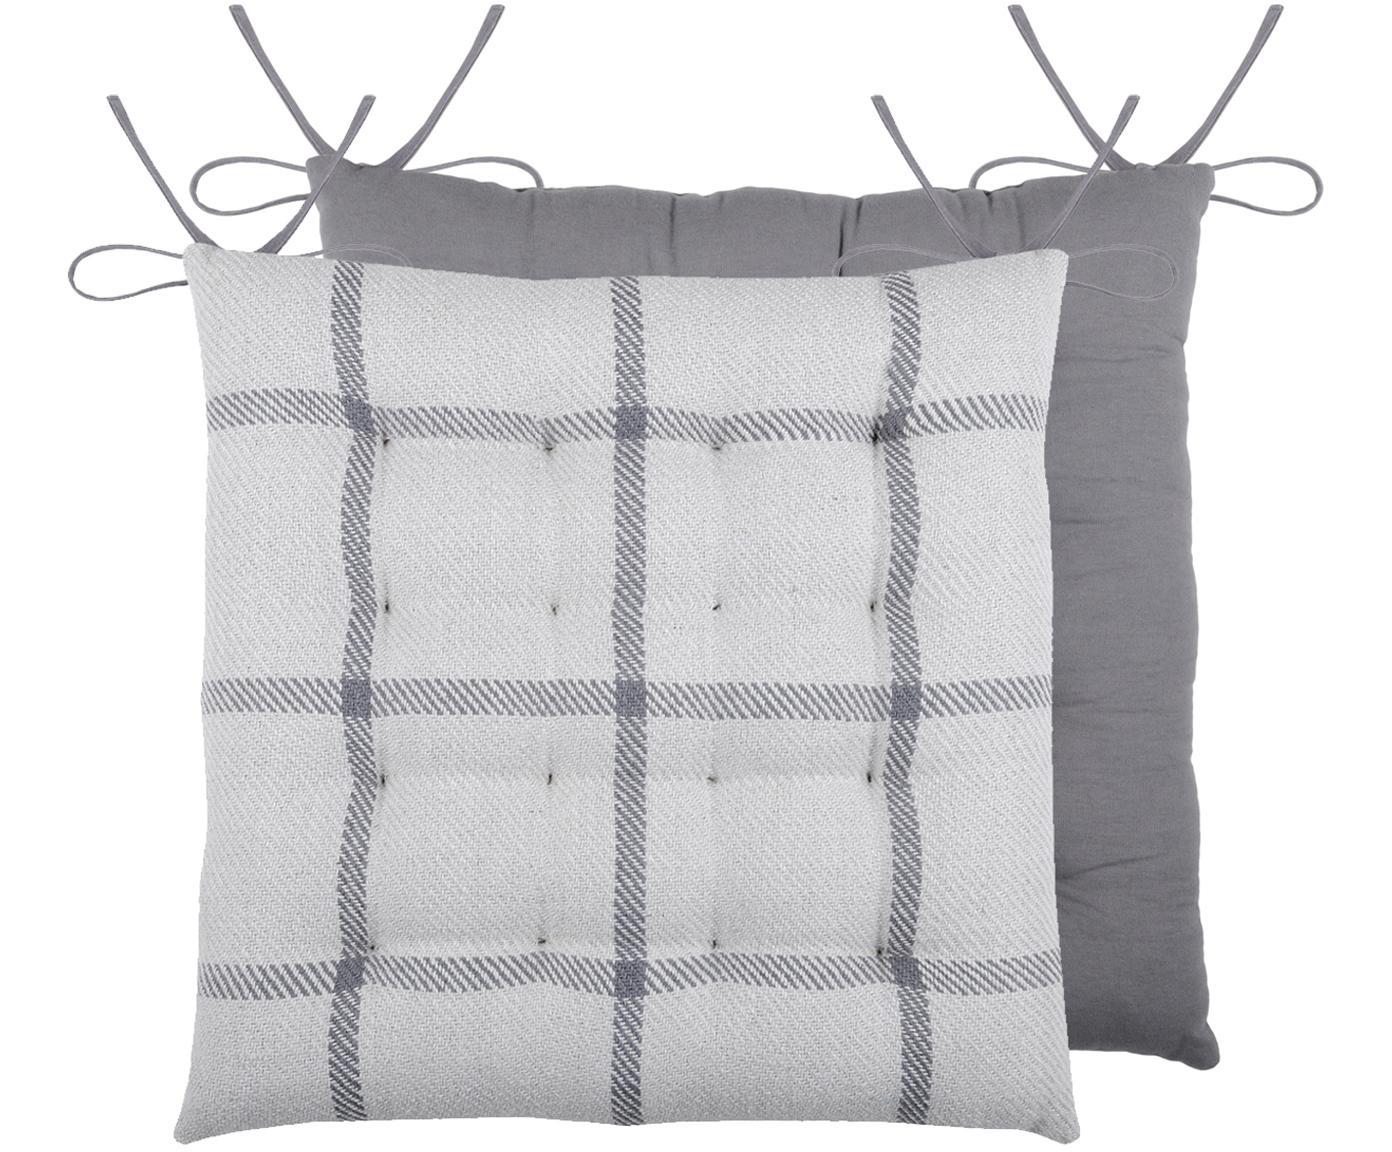 Cuscino sedia reversibile con motivo a quadri Leopold, Grigio scuro, grigio chiaro, Larg. 40 x Lung. 40 cm